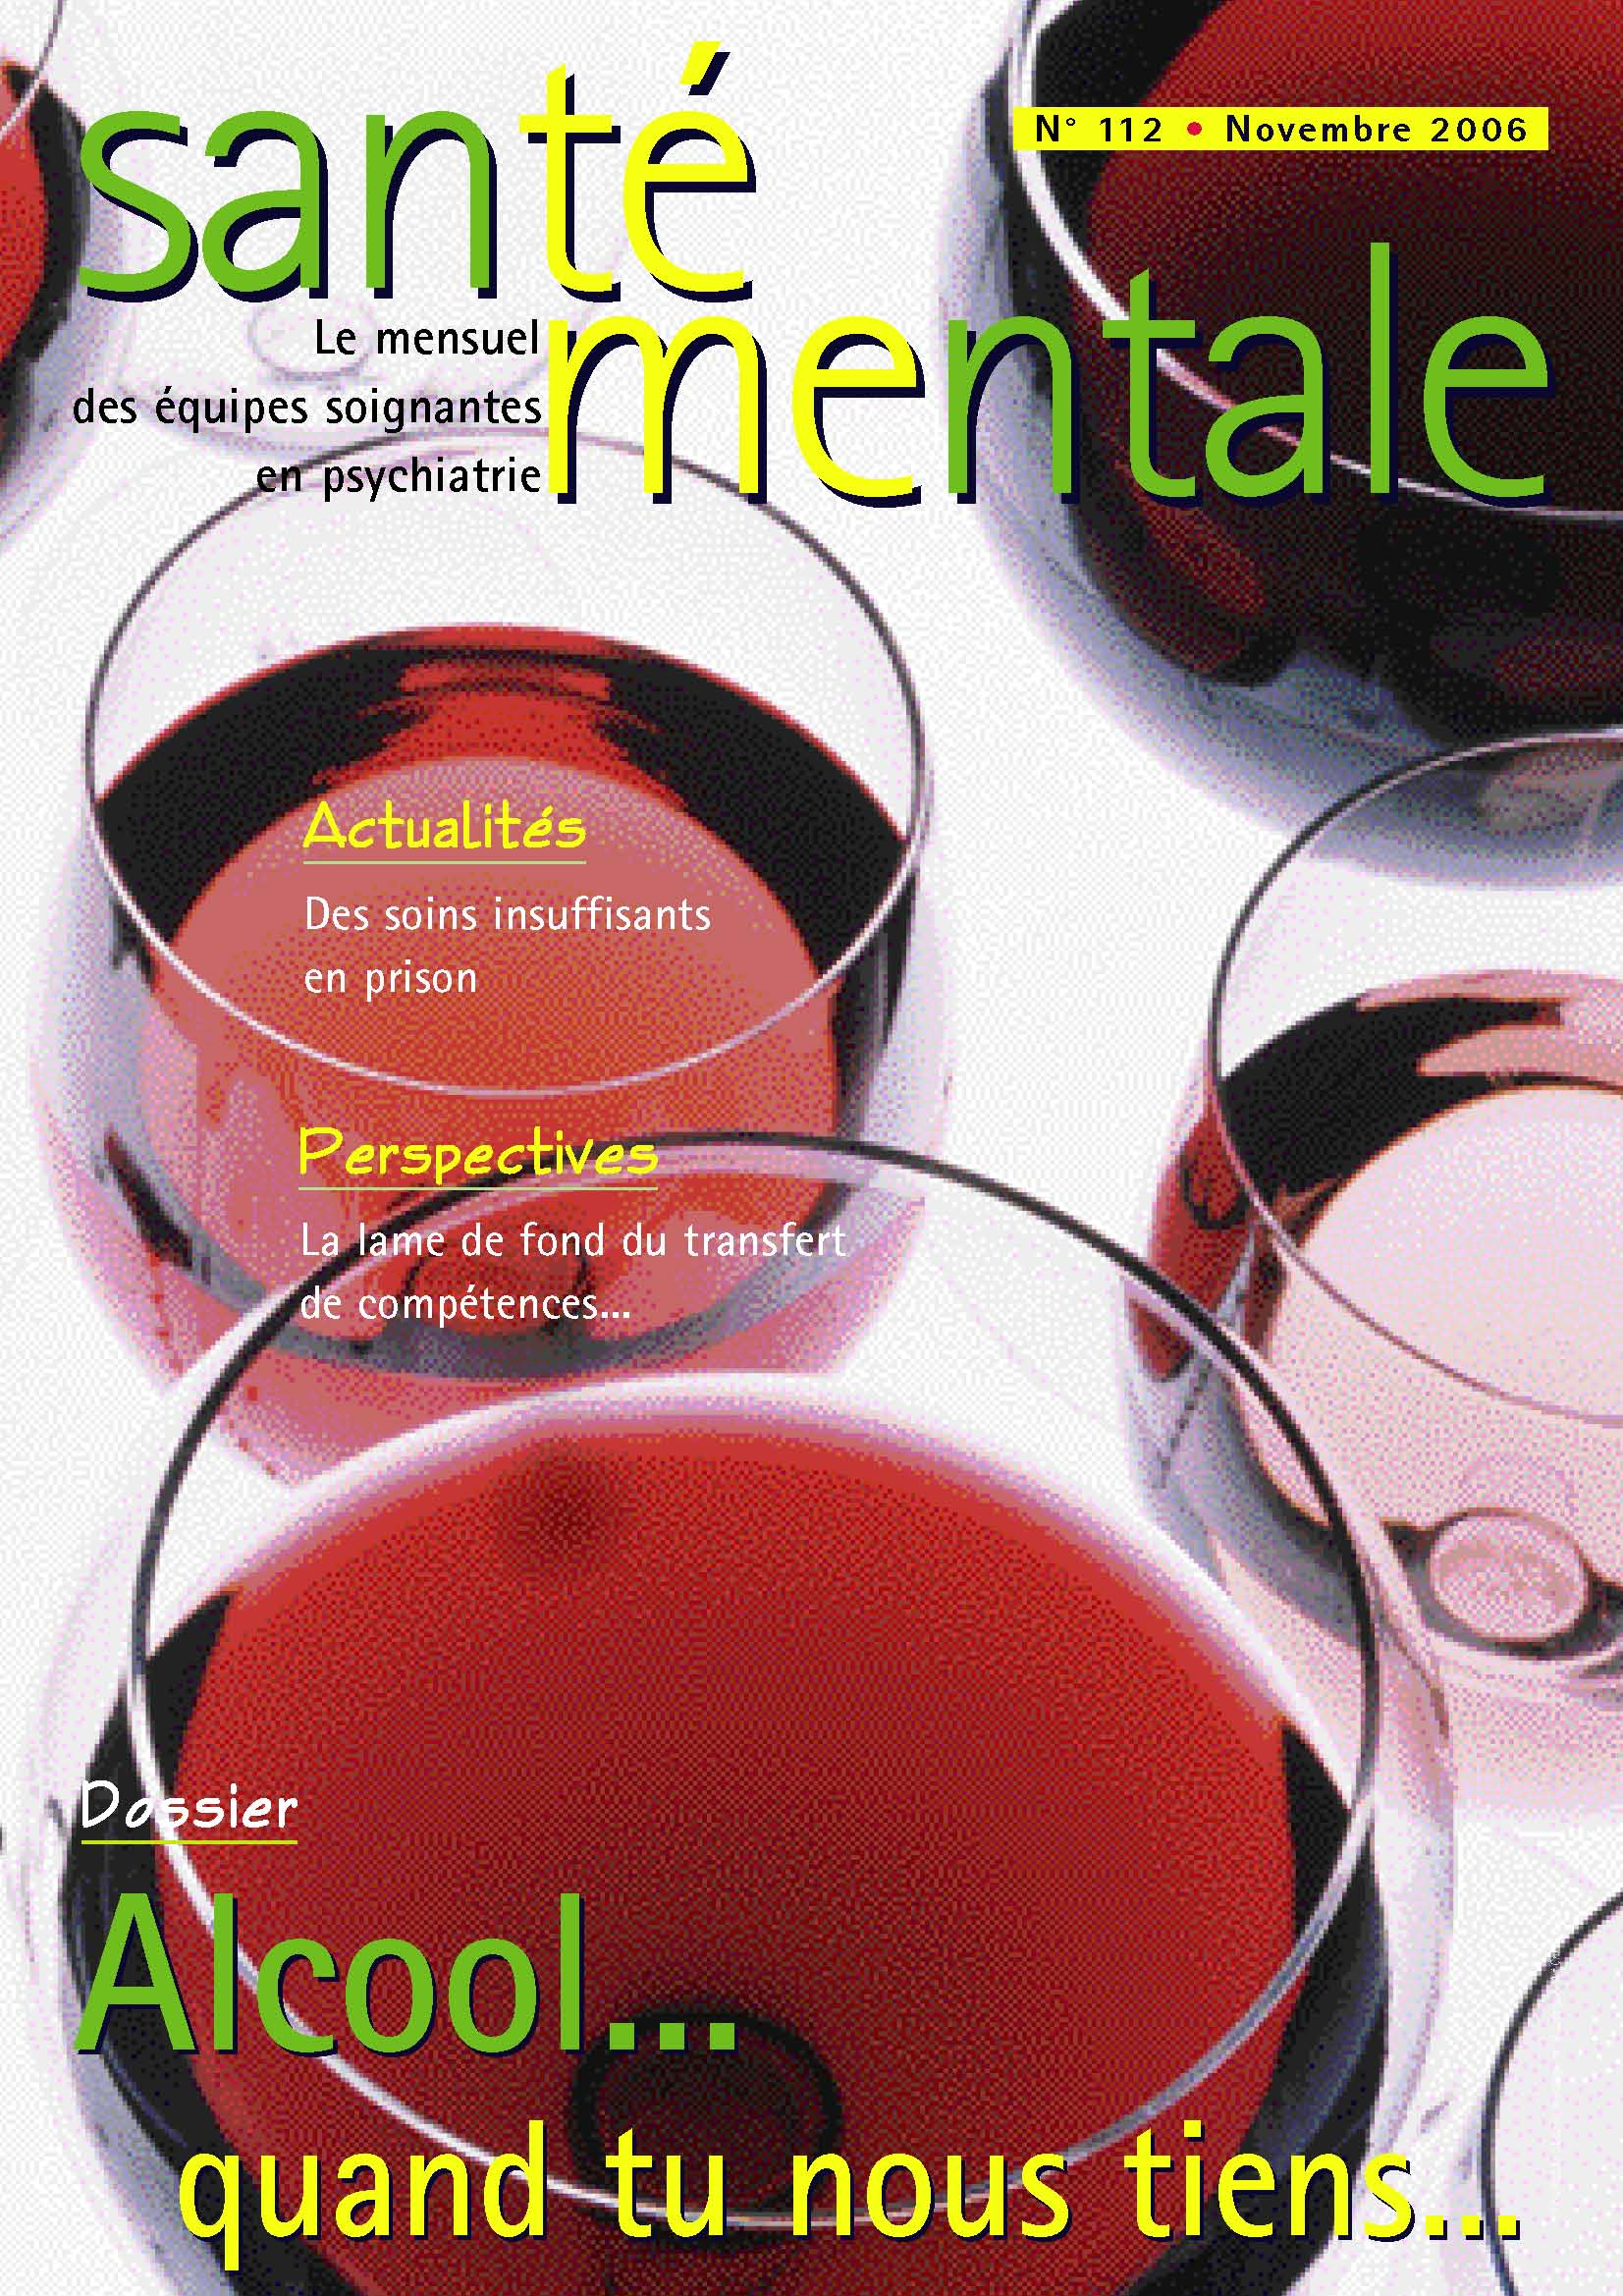 Couverture N°112 novembre 2006